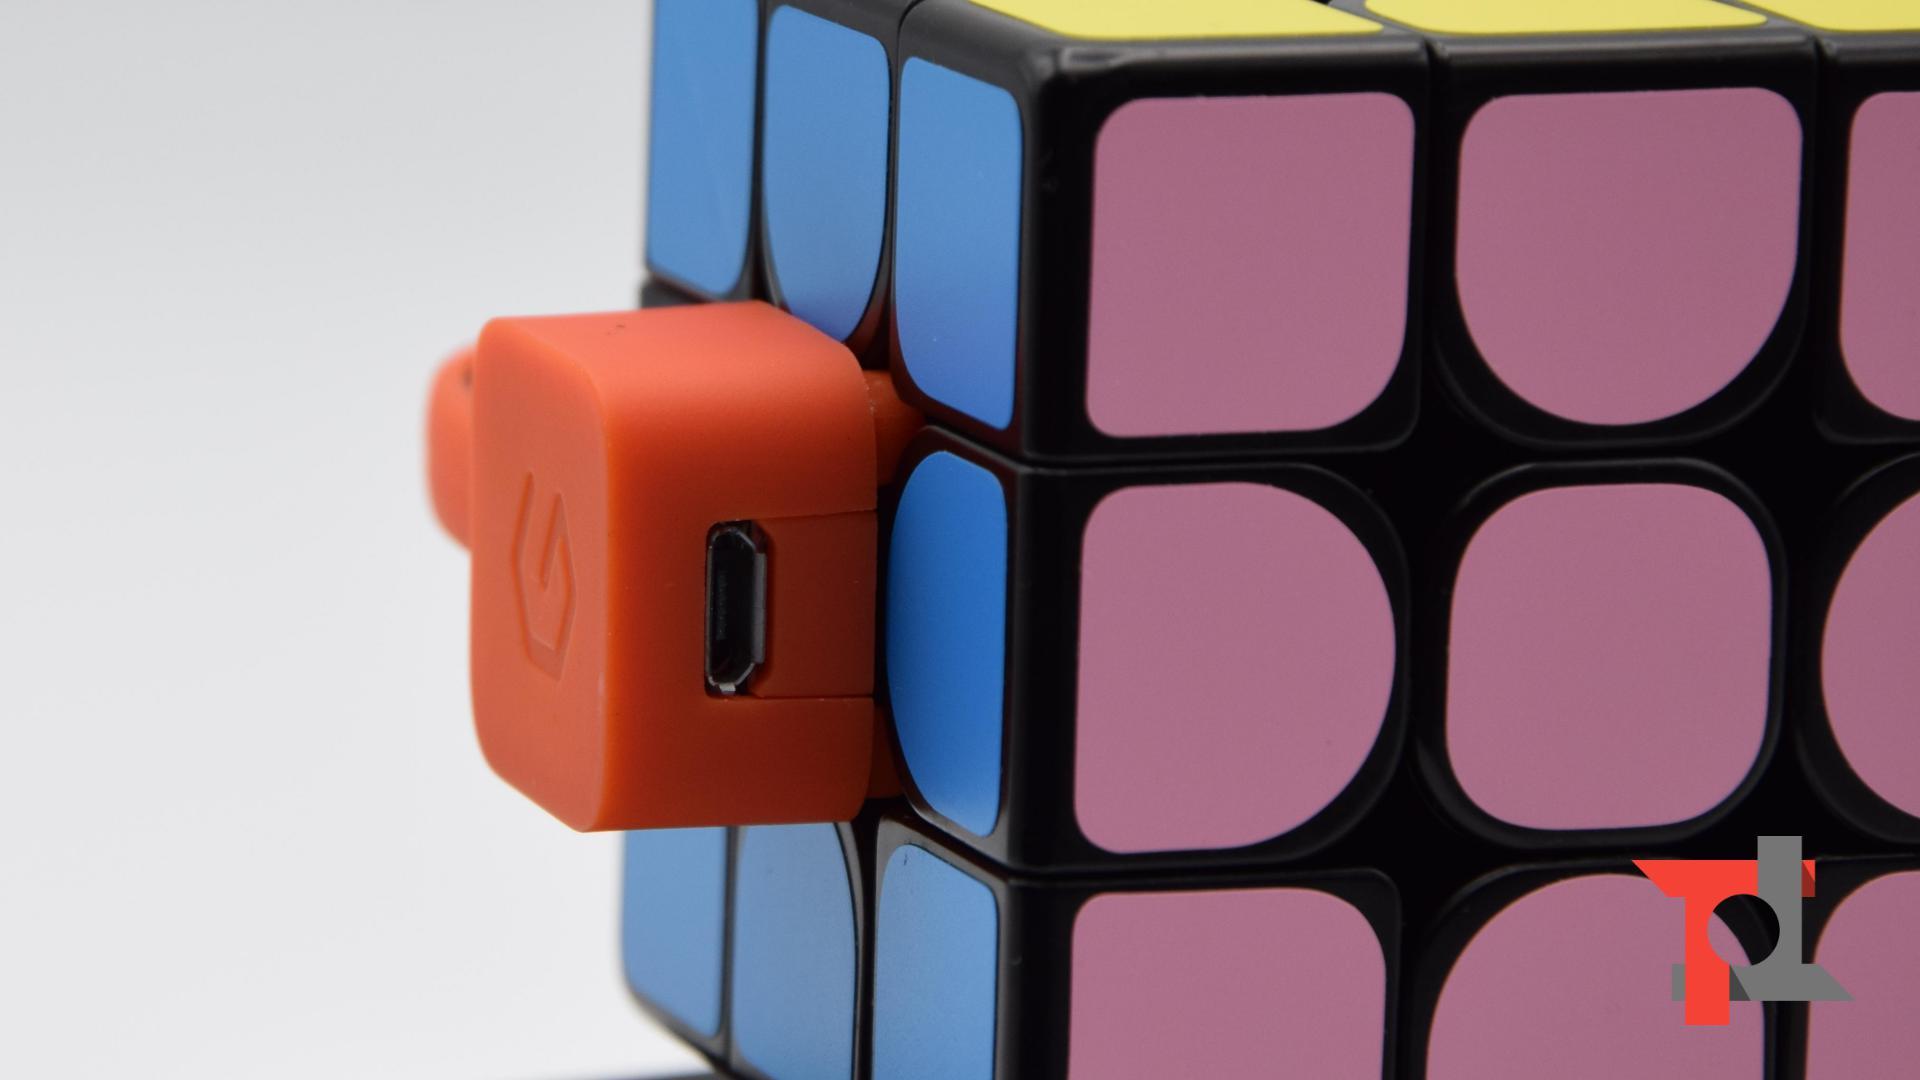 Recensione GiiKER Supercube i3, quando il cubo di Rubik entra nel terzo millennio 2